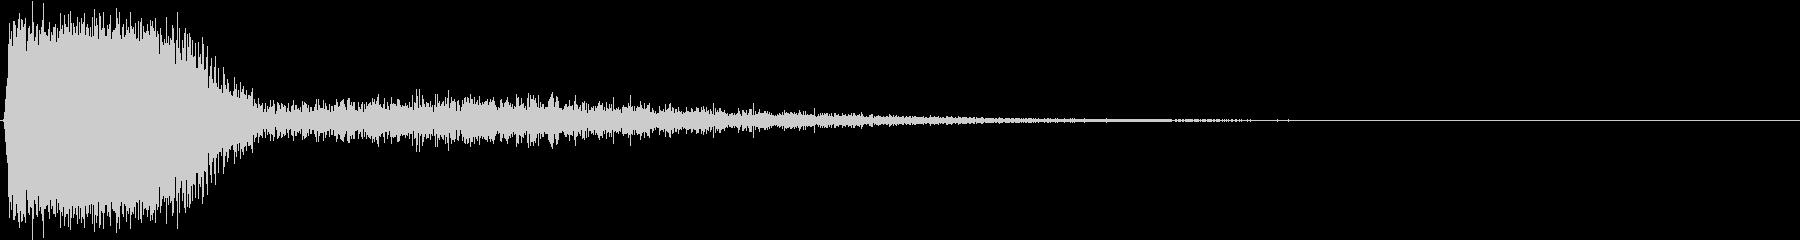 KAKUGE 格闘ゲーム戦闘音 56の未再生の波形